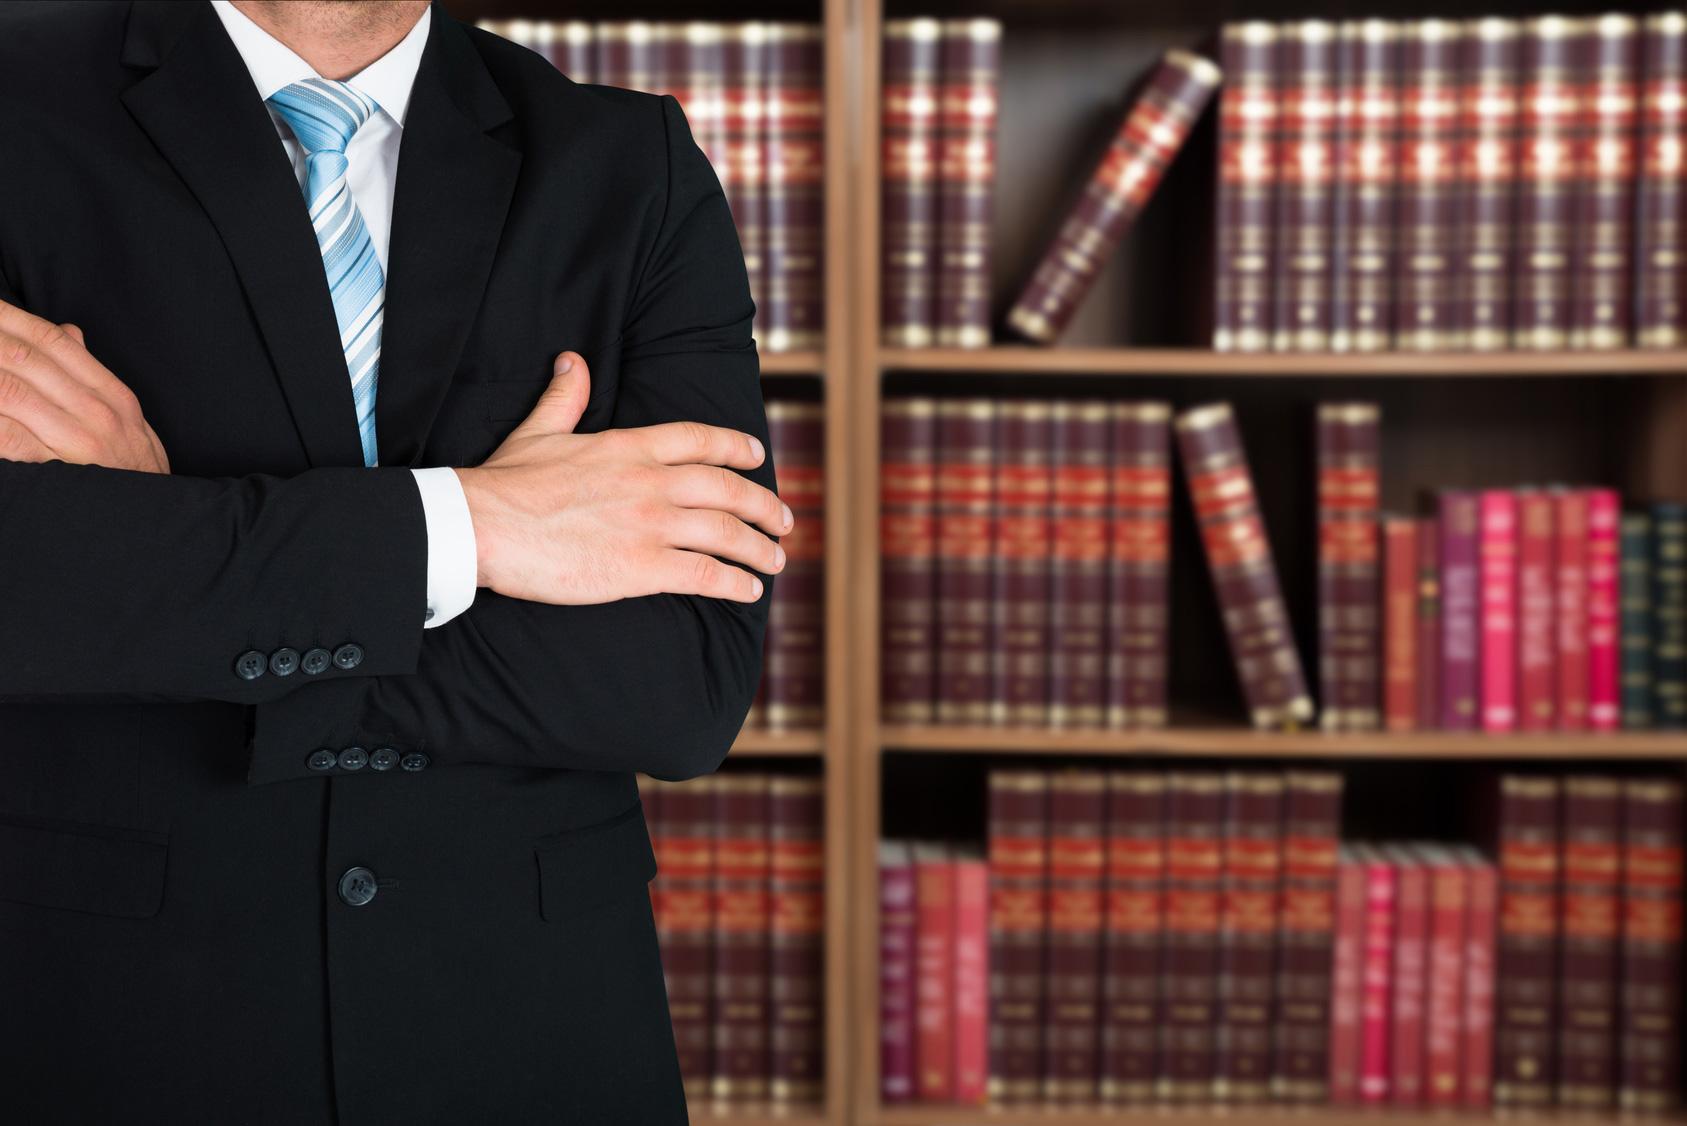 Kosten & Erstberatung, Vergütung des Rechtsanwalts bei Rechtsberatung